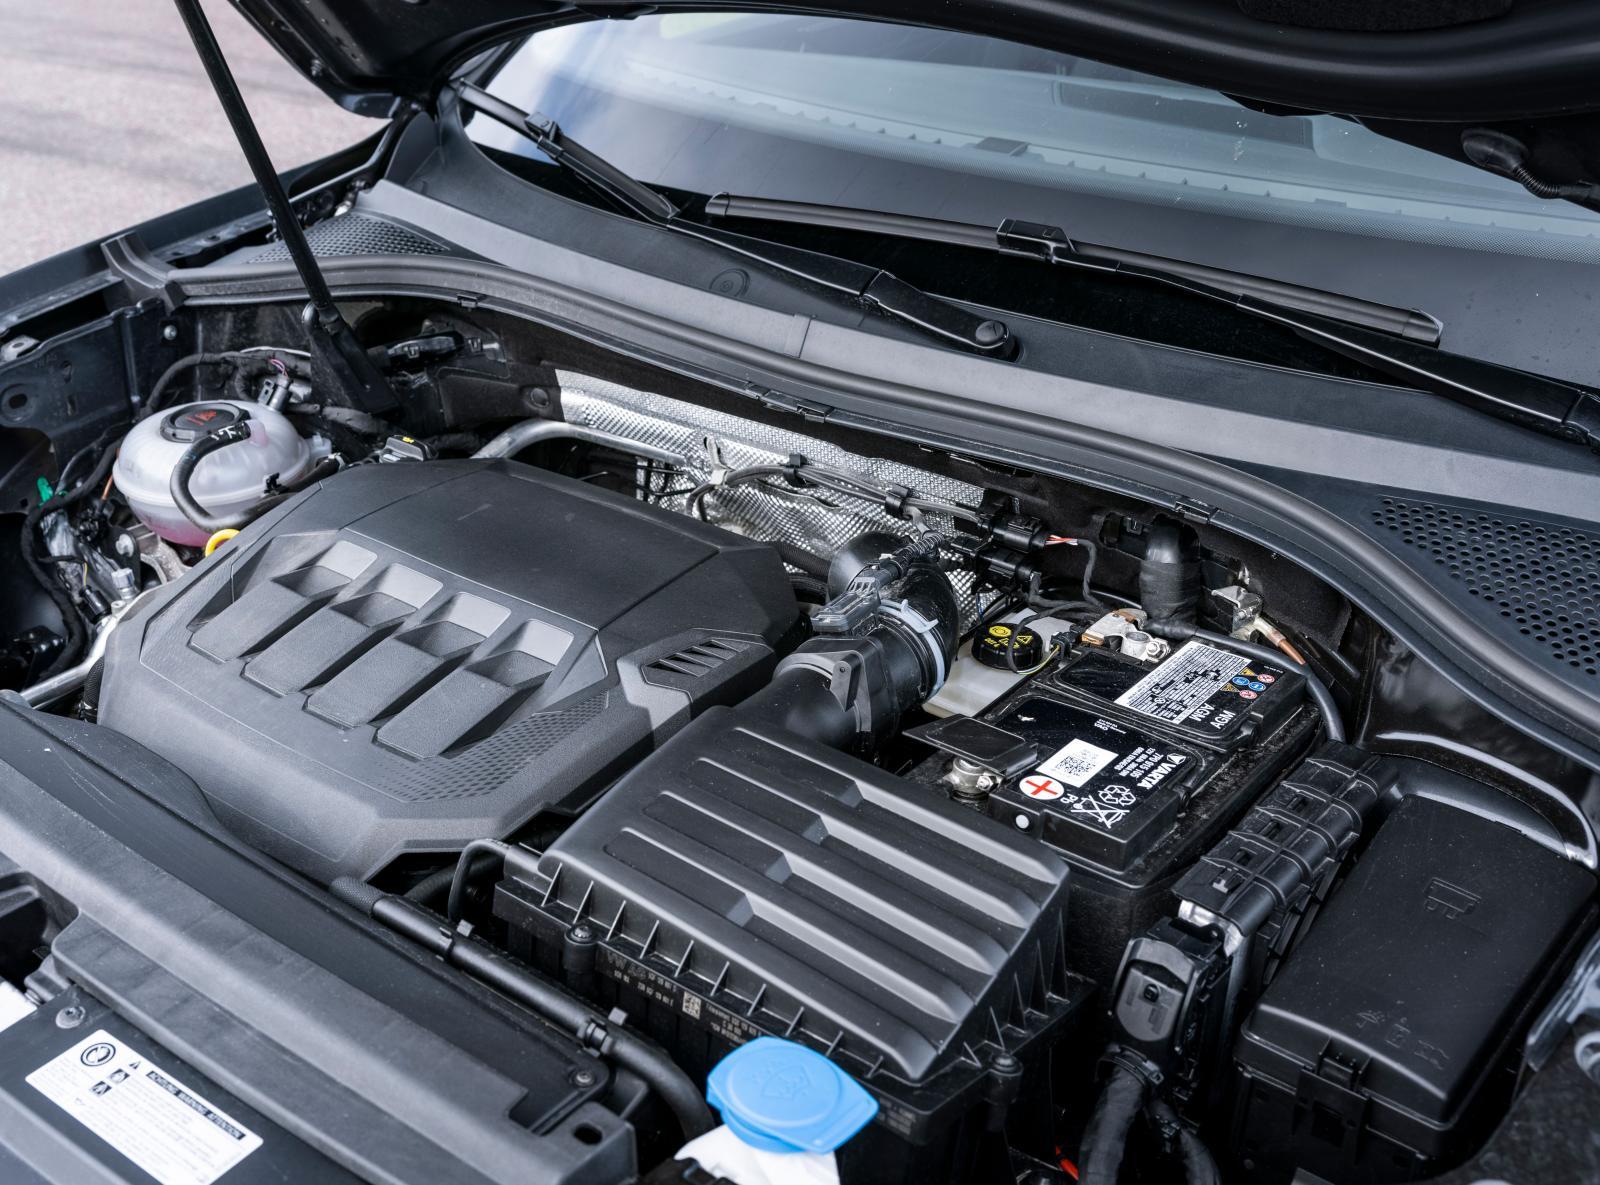 En motor som gör sitt jobb, varken mer eller mindre. Påtaglig reaktionsskillnad mellan normal- och sportläge i dubbelkopplingslådan.